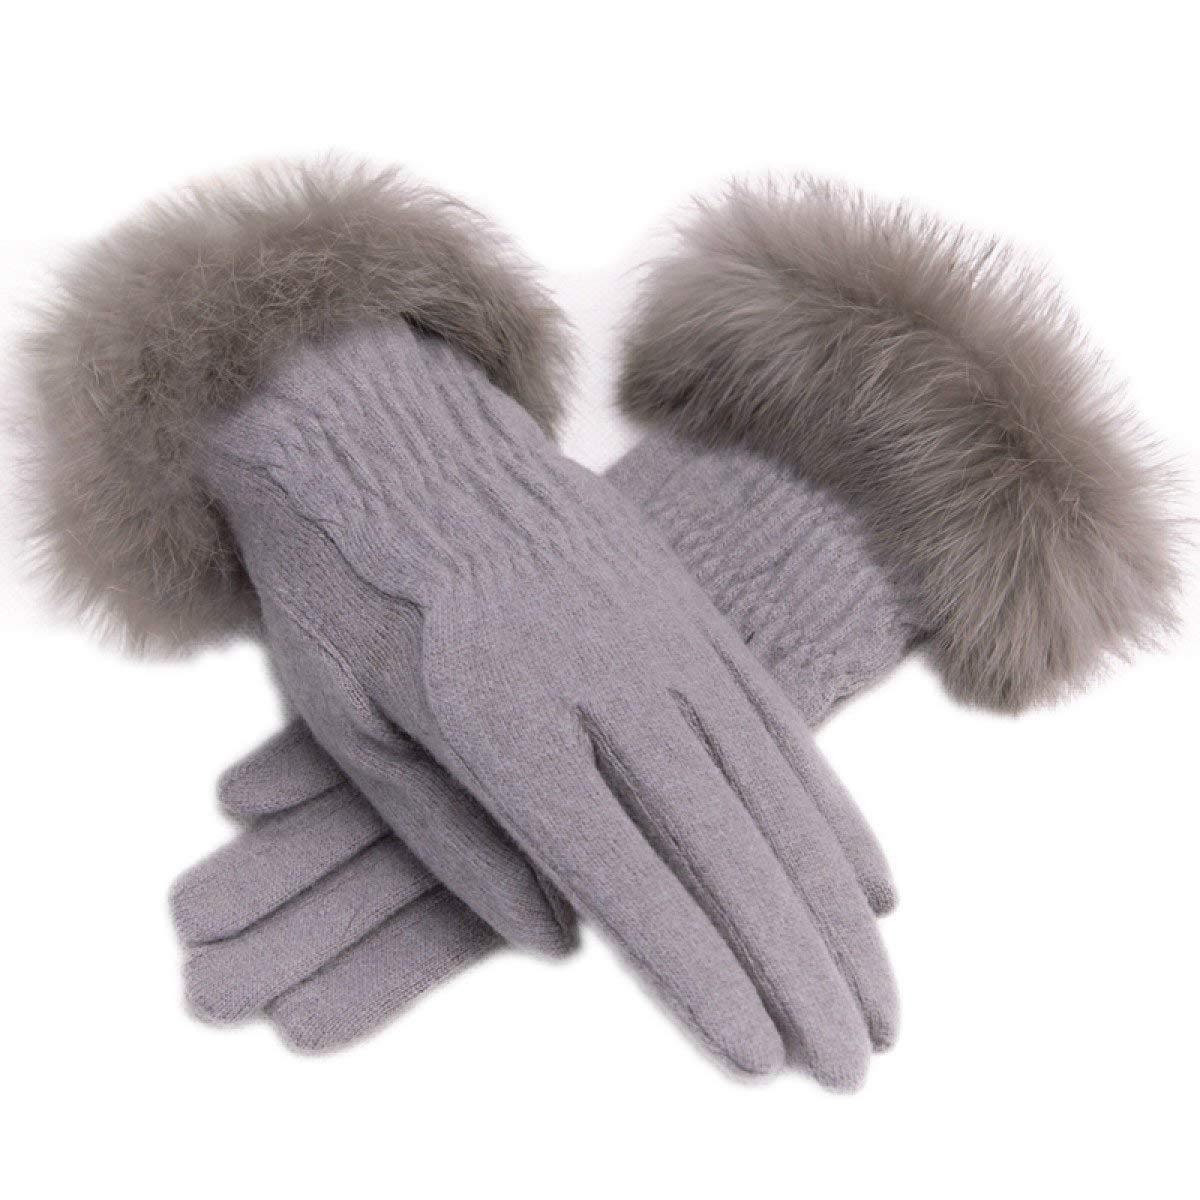 Herbst Und Winter Neu Mode Warm Elegant Classic War Handschuhe Lederhandschuhe Fäustlinge Kleidung